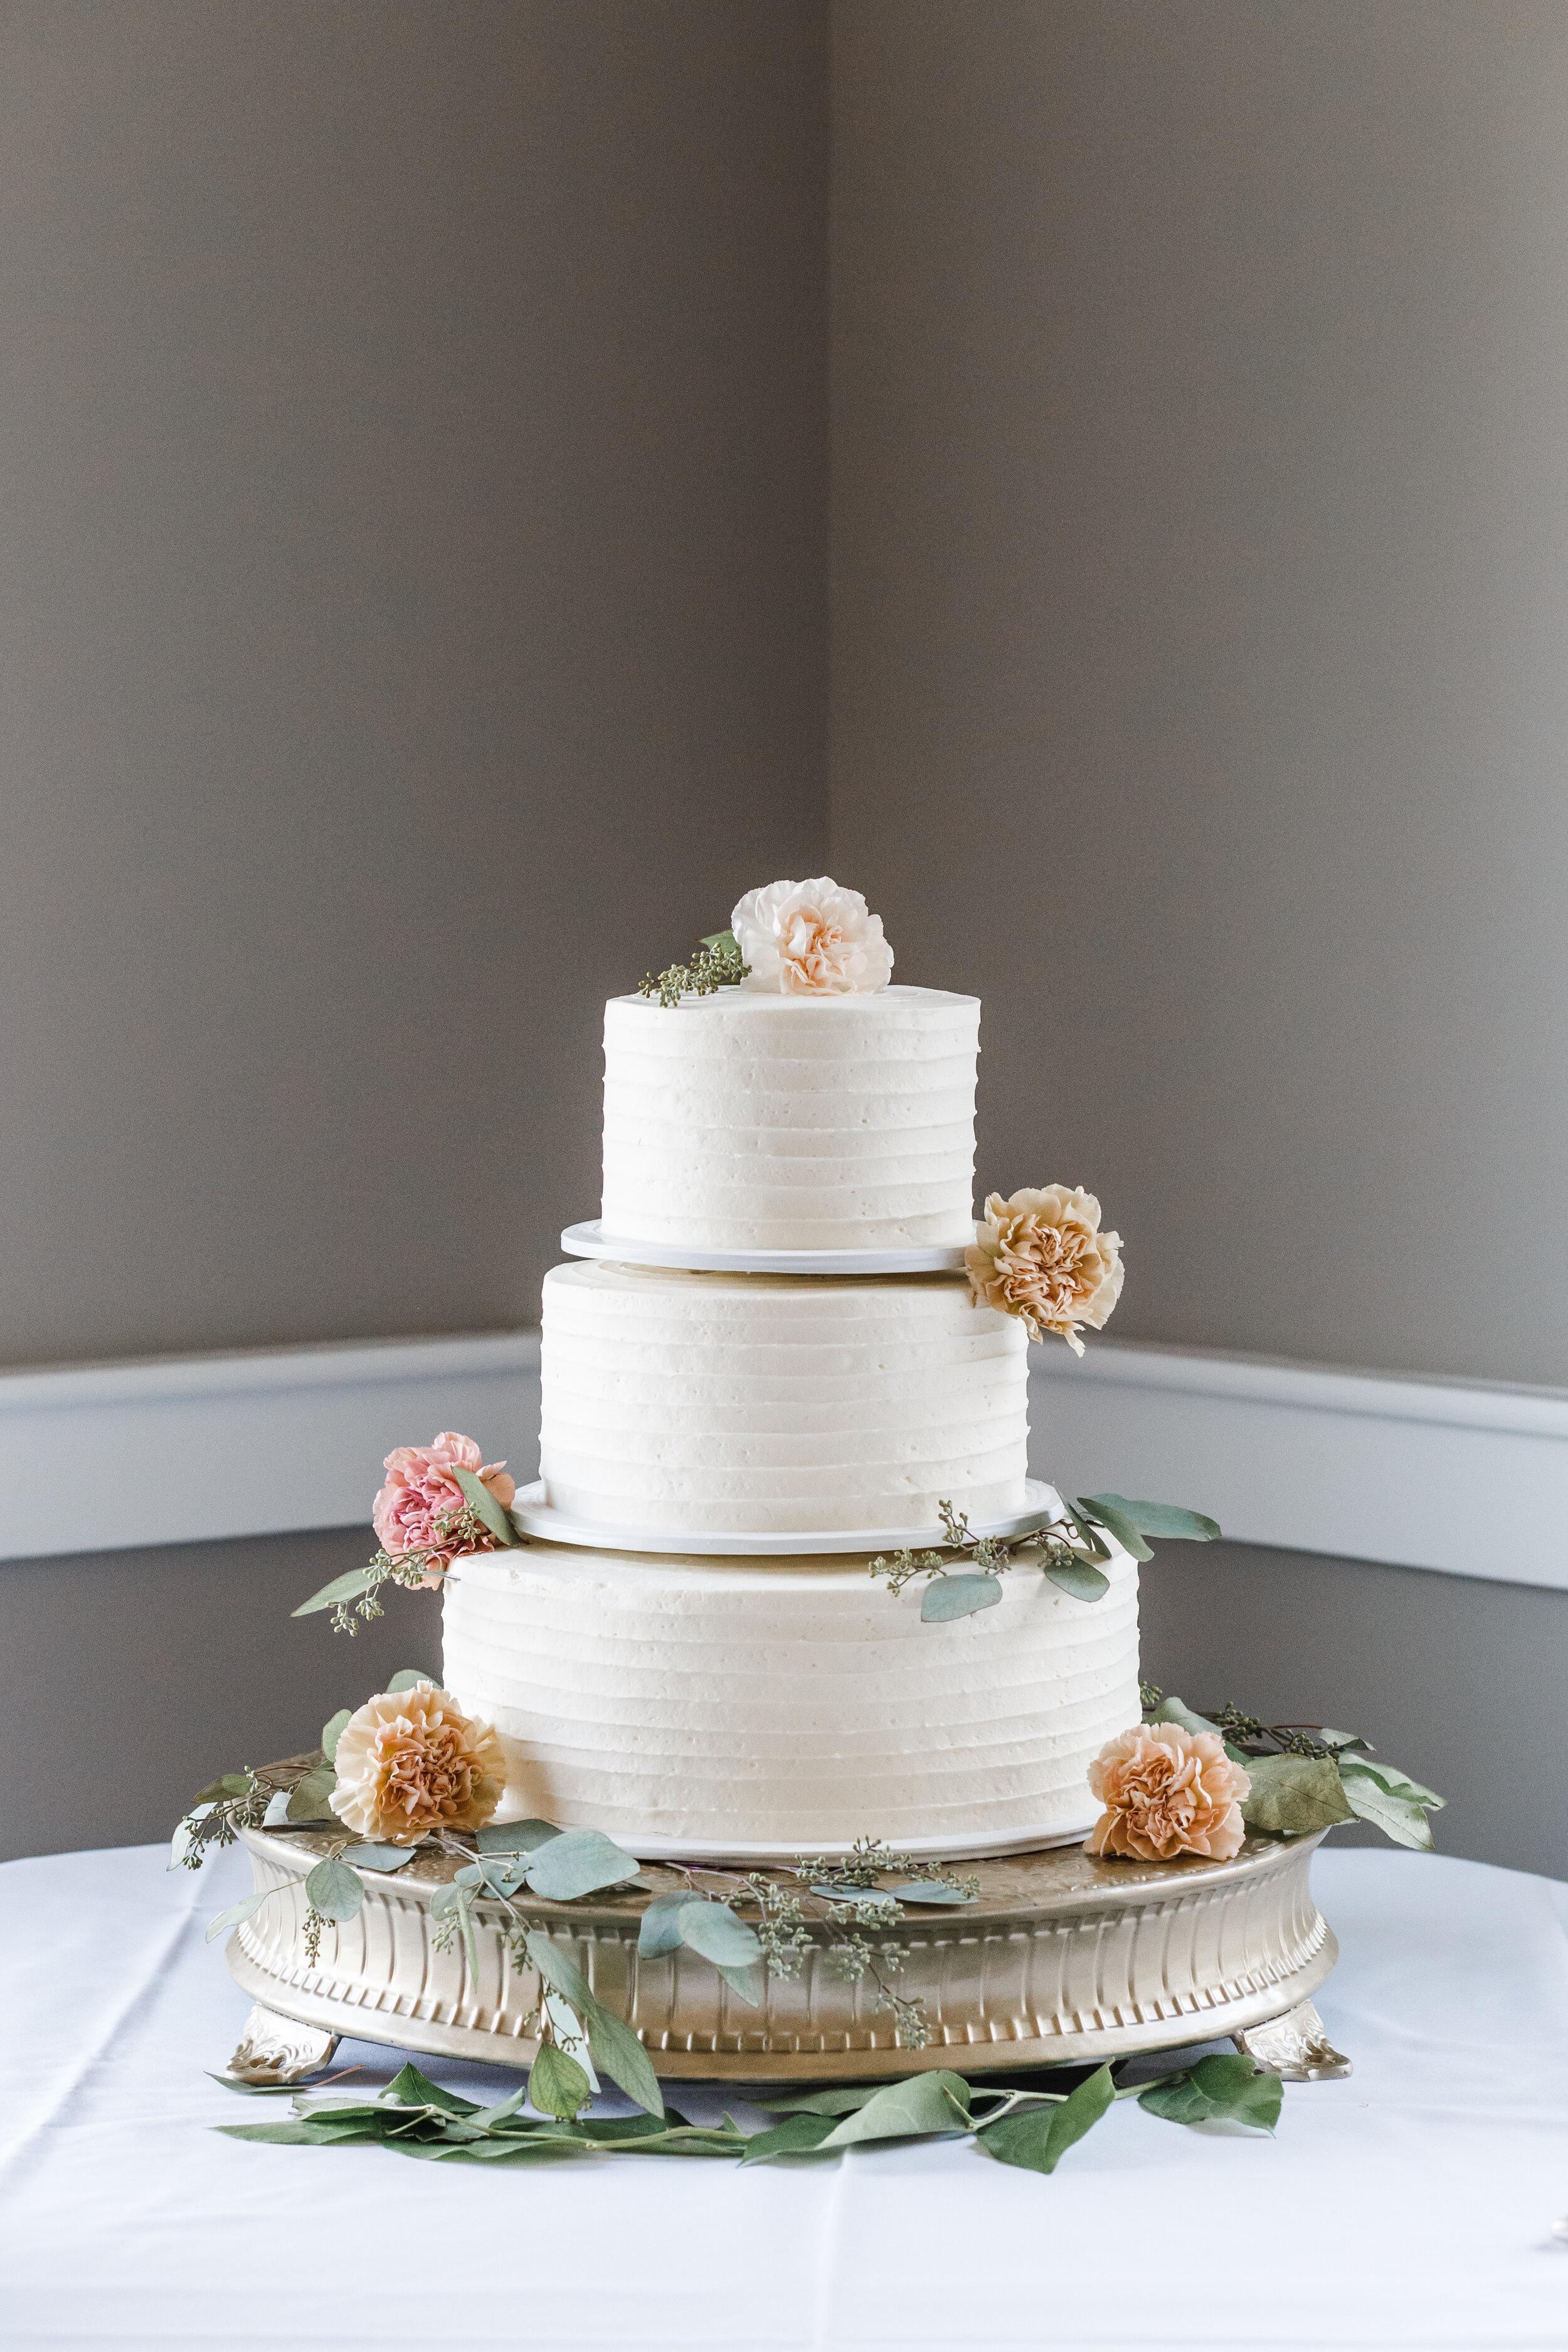 S&B Wedding - Getting Ready & Details-105.jpg